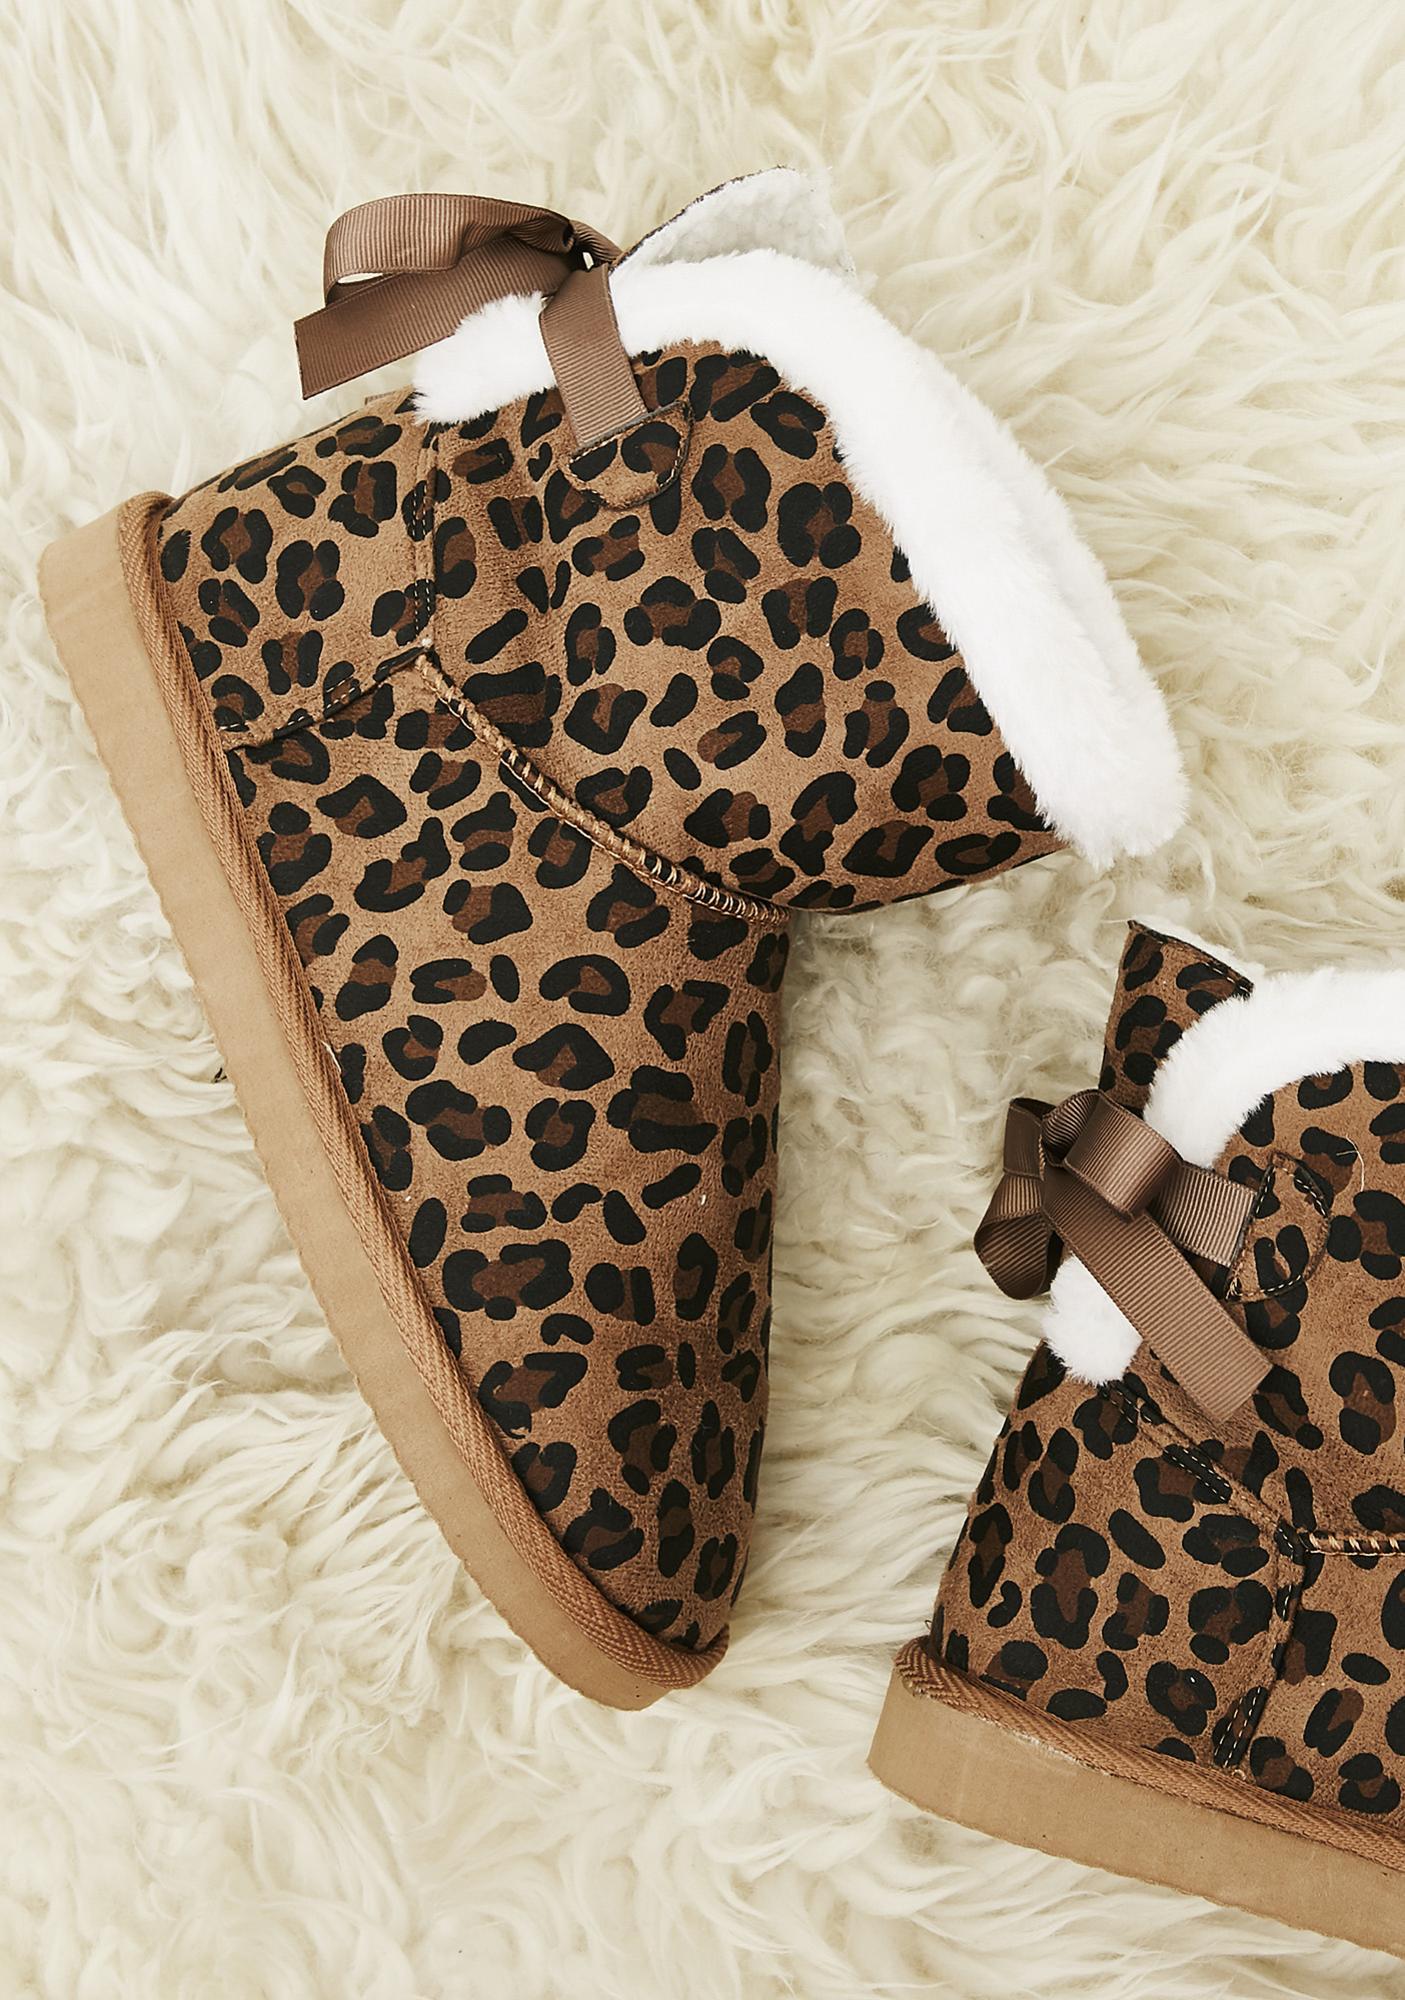 Wild Spots Slipper Boots